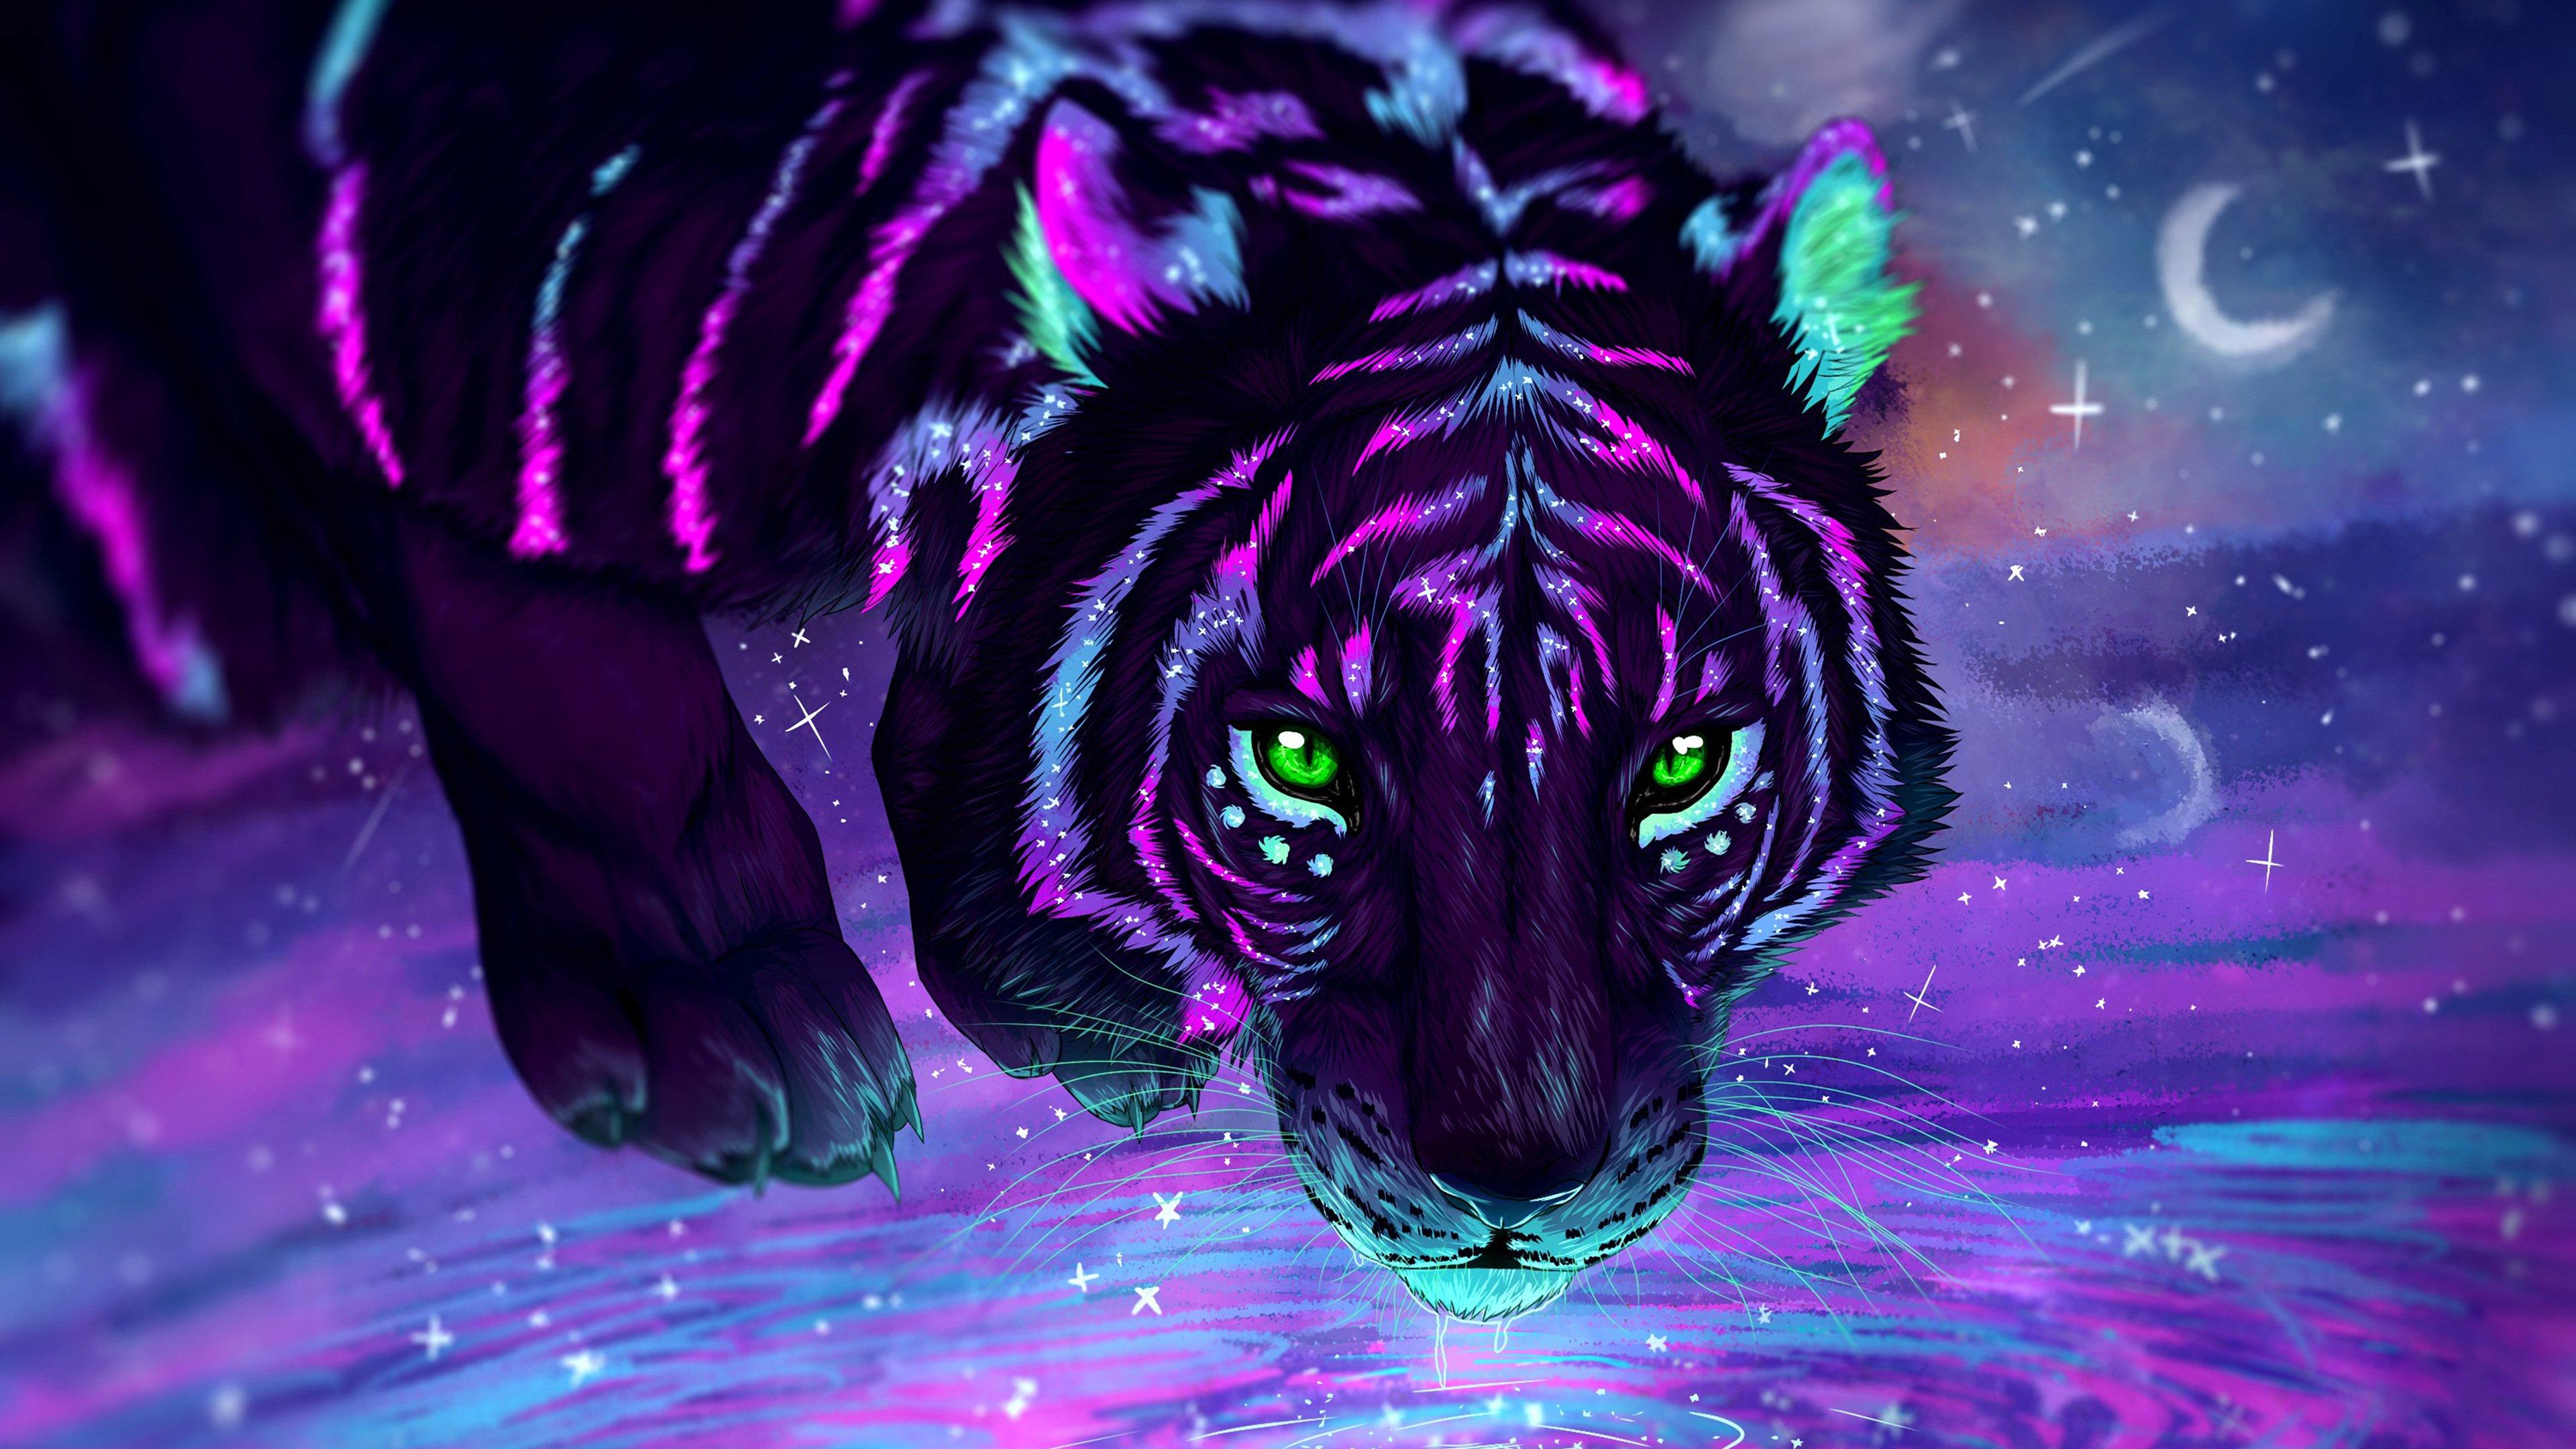 Fondos de pantalla Tigre de neón Artwork